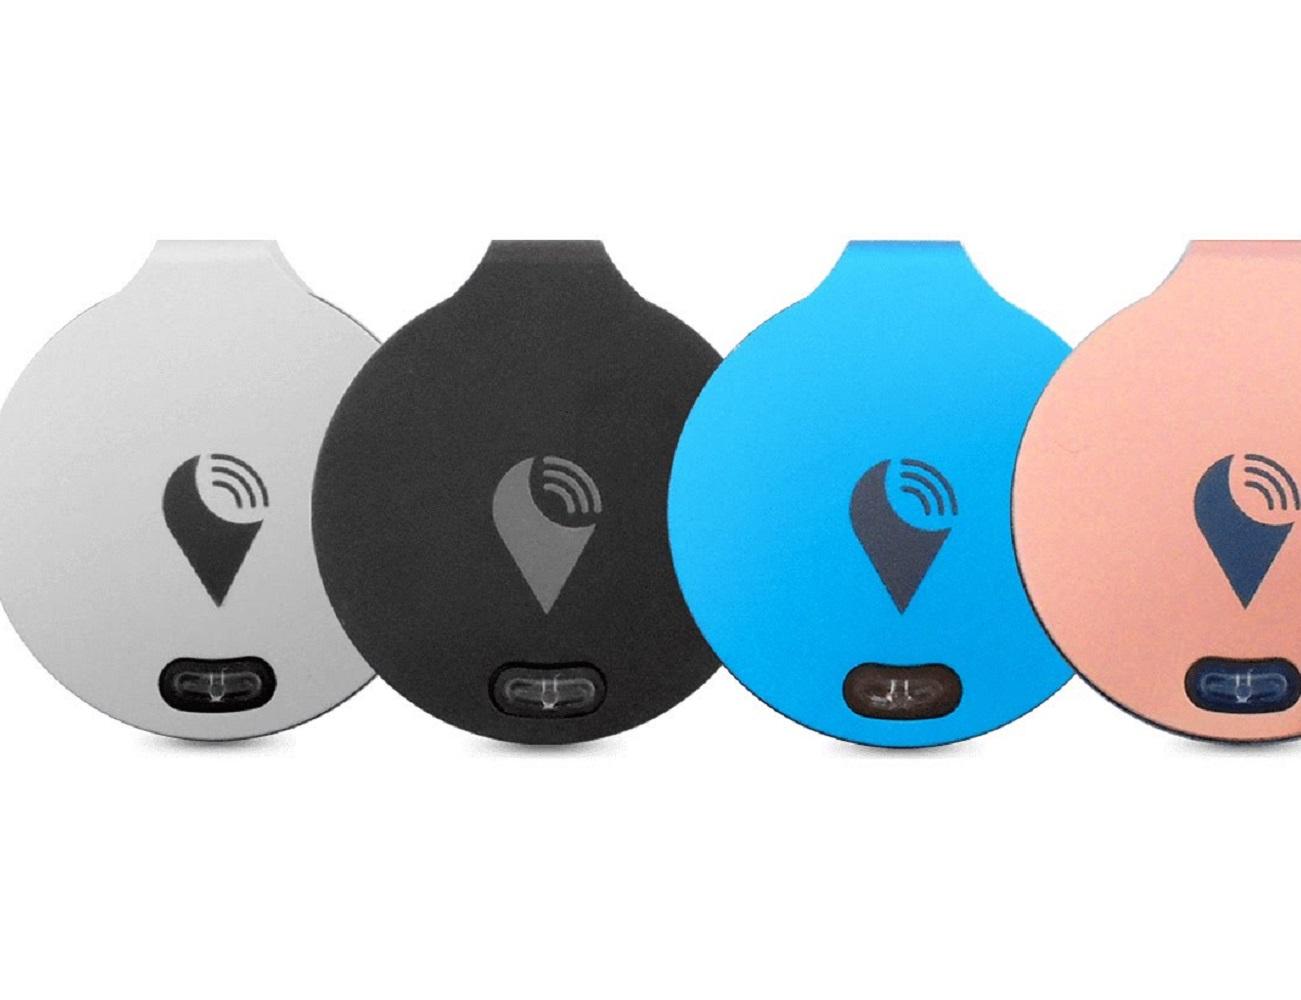 stickr trackr gps smart chip gadget flow. Black Bedroom Furniture Sets. Home Design Ideas